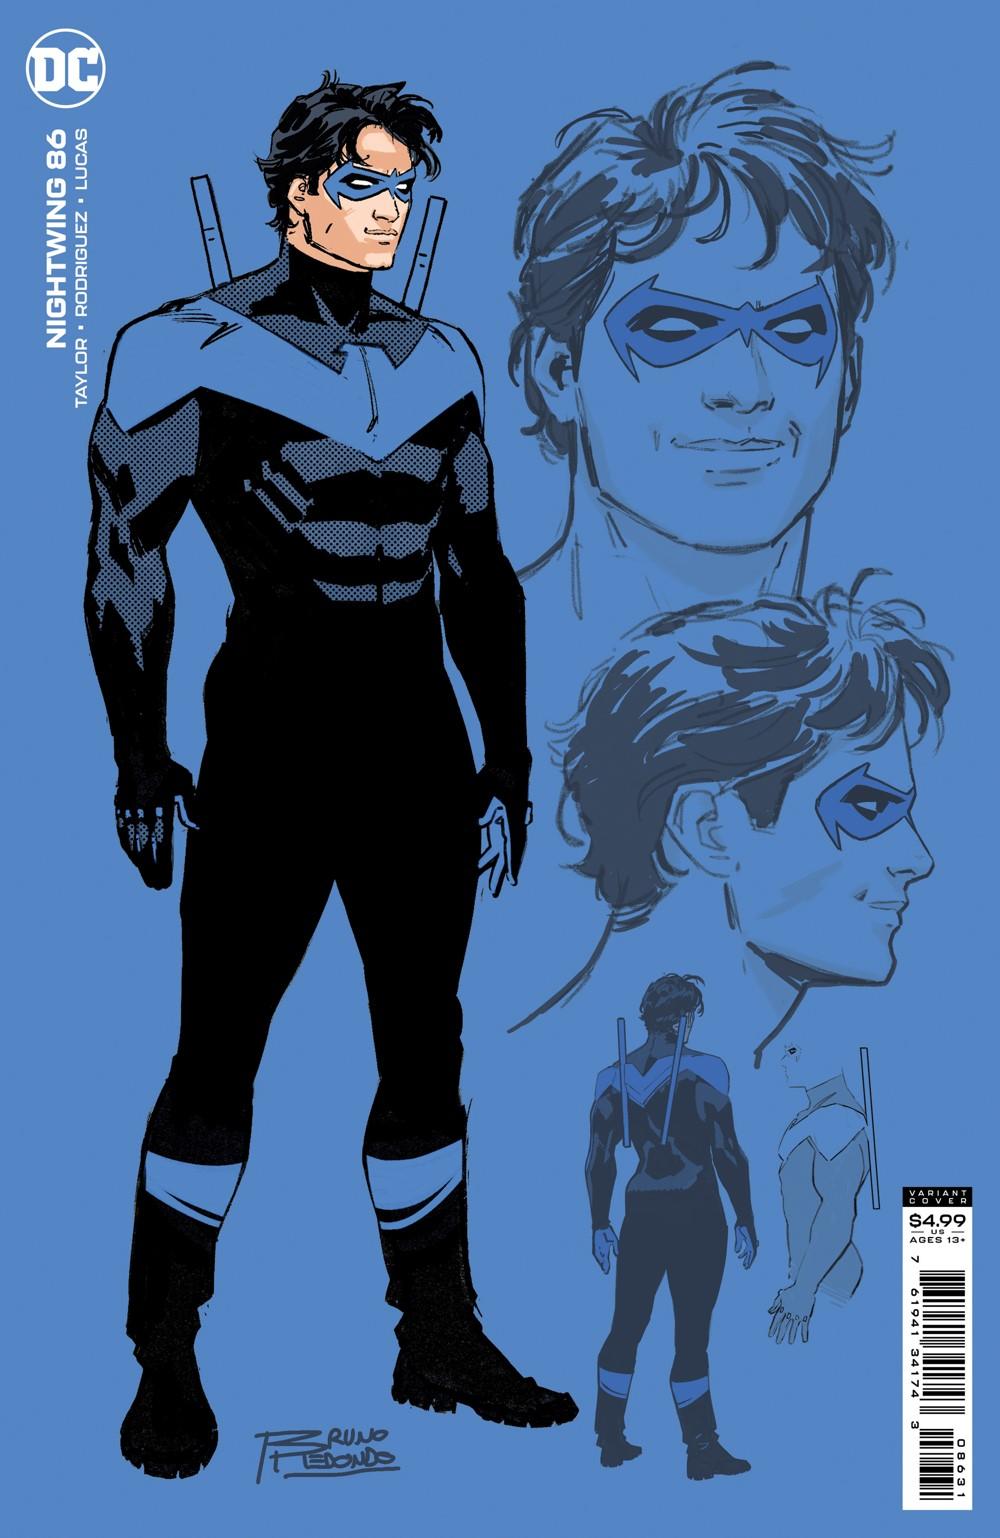 NTW_Cv86_var_08631 DC Comics November 2021 Solicitations